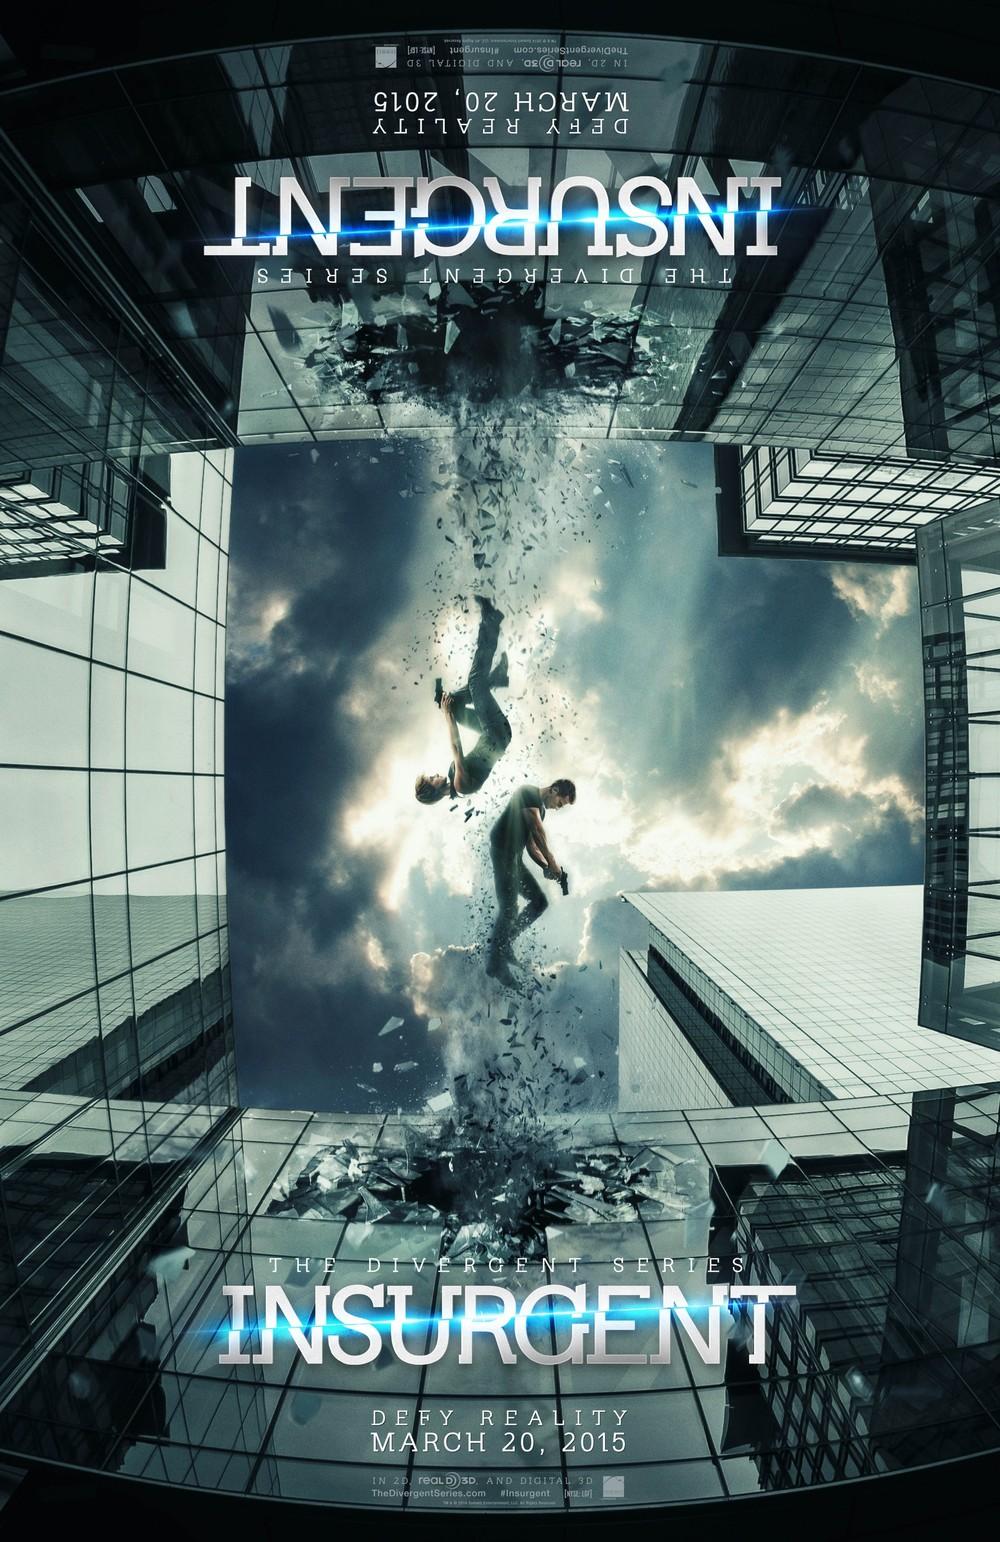 Insurgent movie release date in Perth